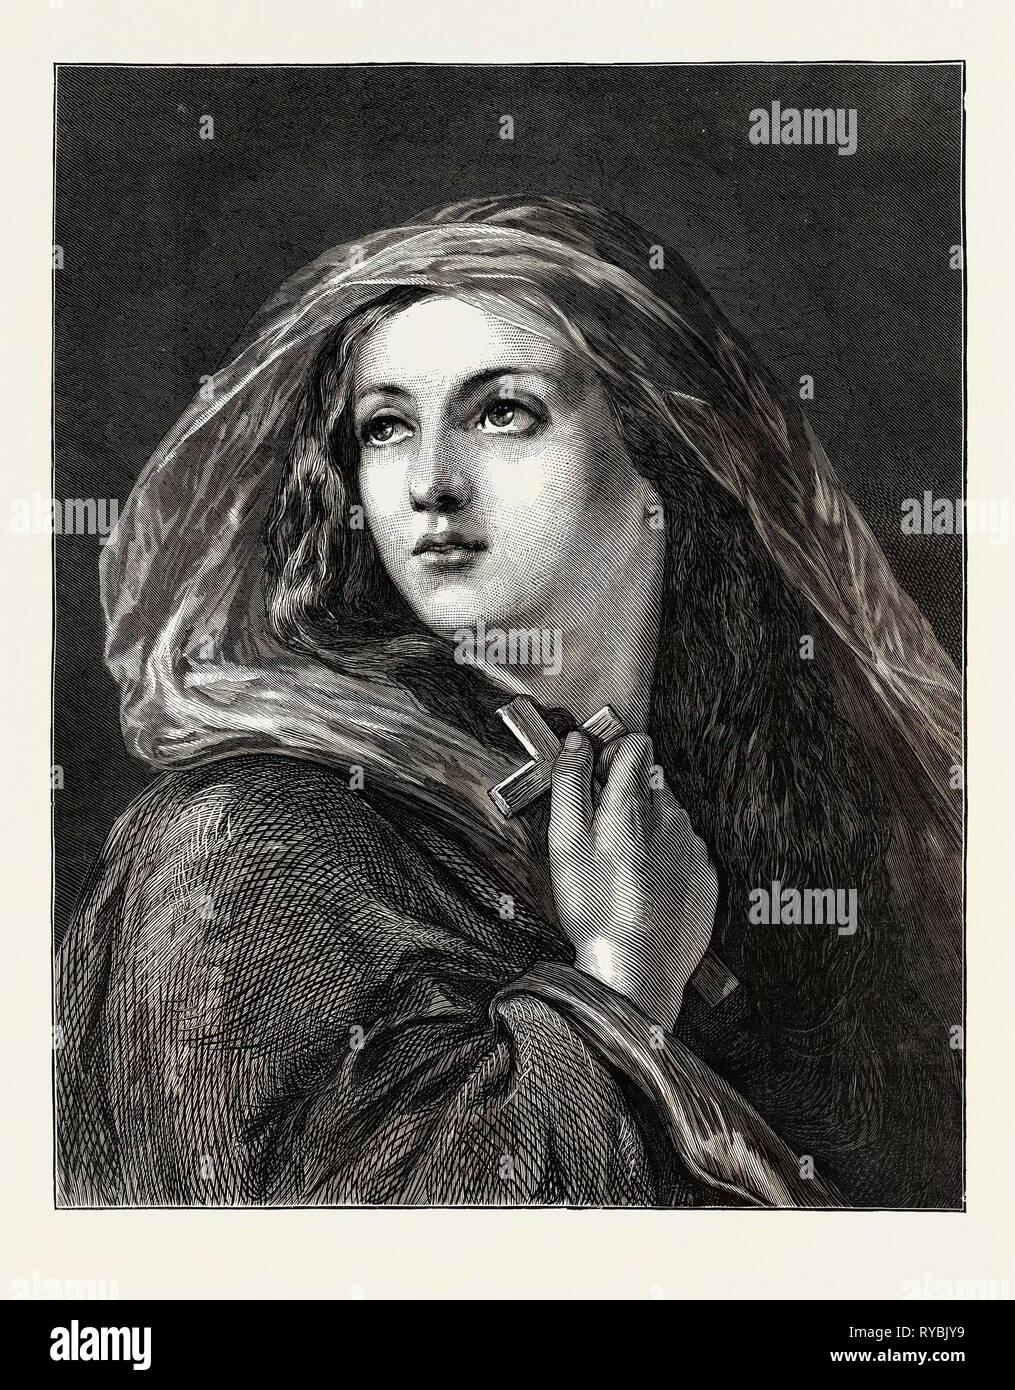 Faith - Stock Image